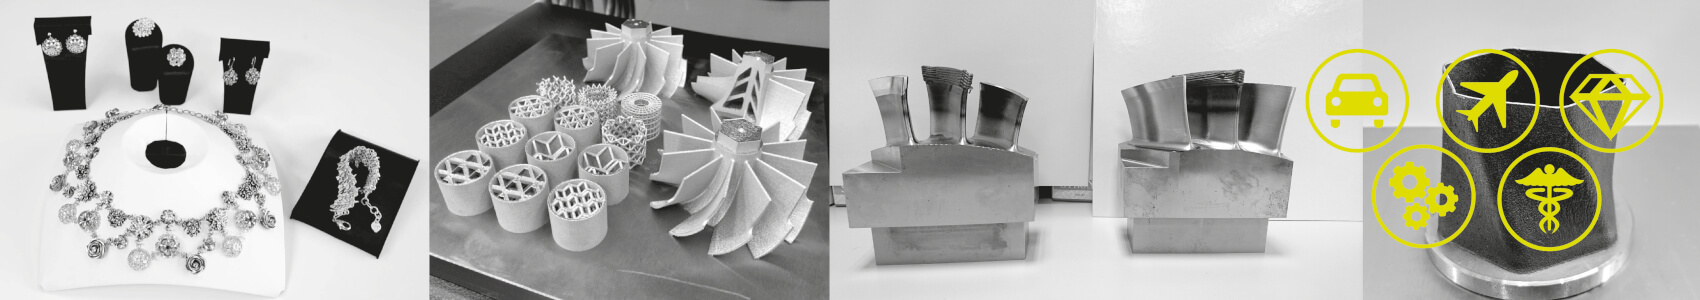 AMTC - votre partenaire pour les applications de fabrication additive